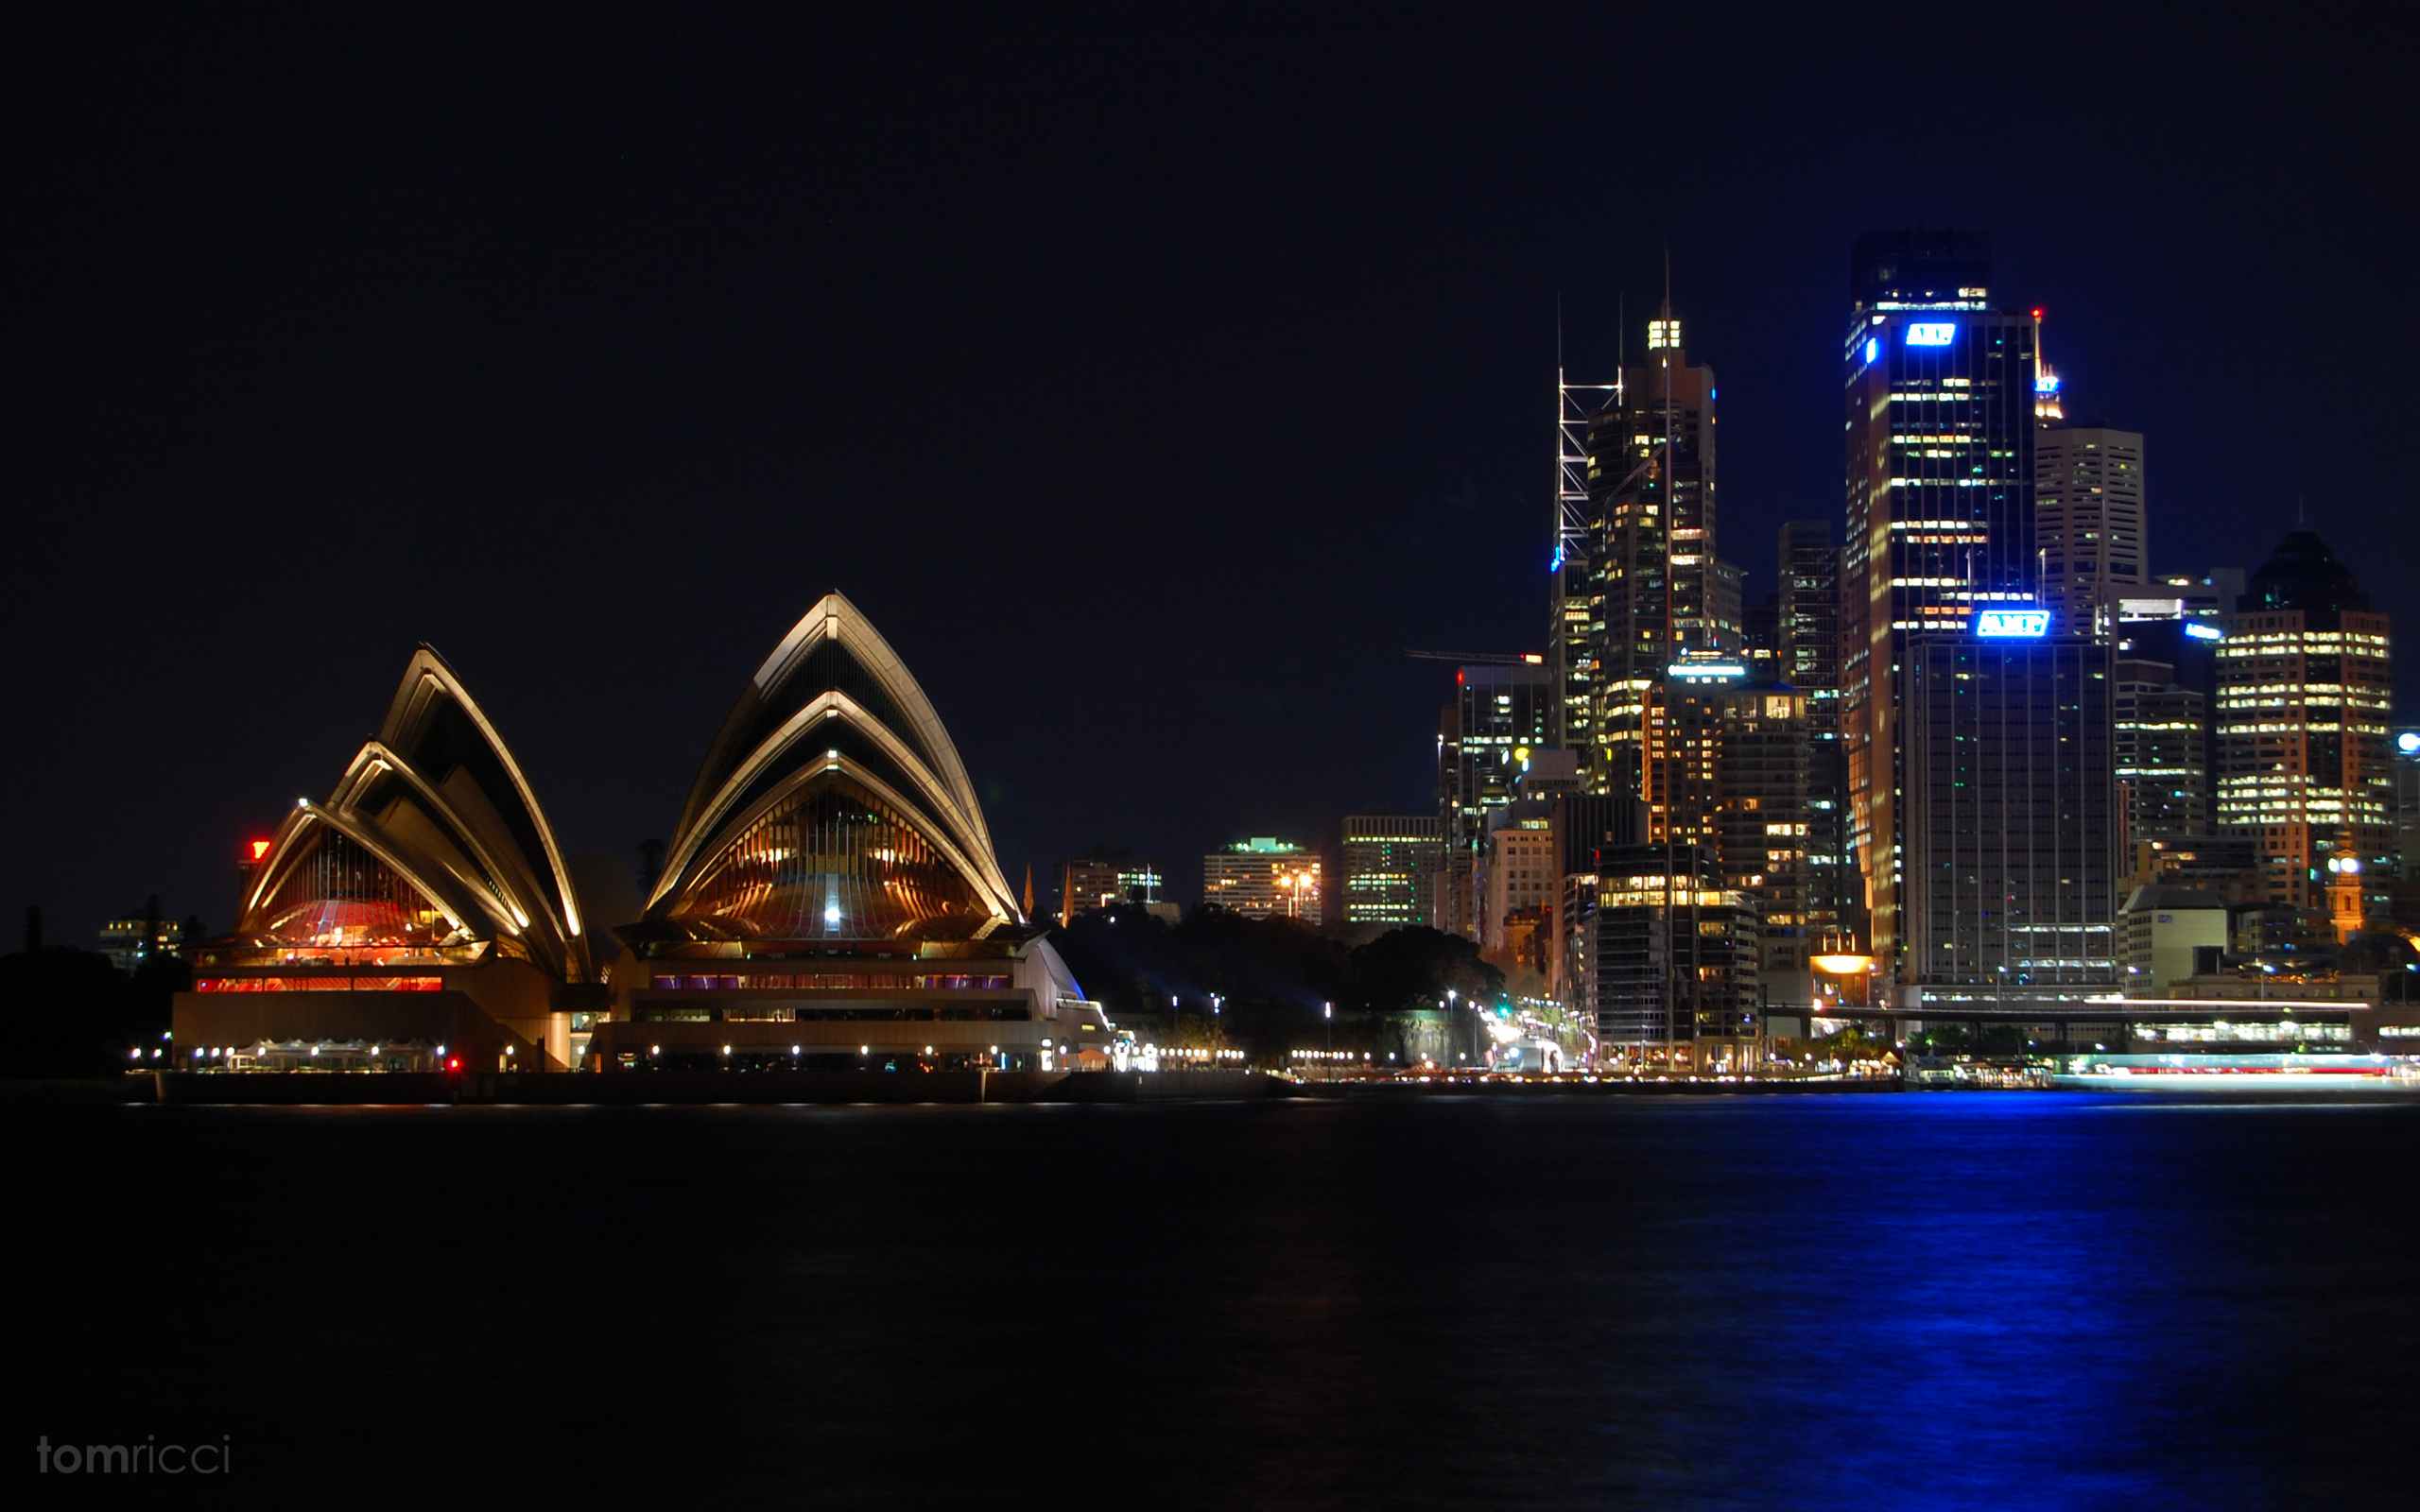 Обои Здание оперного театра в сиднее, ночь. Города foto 2